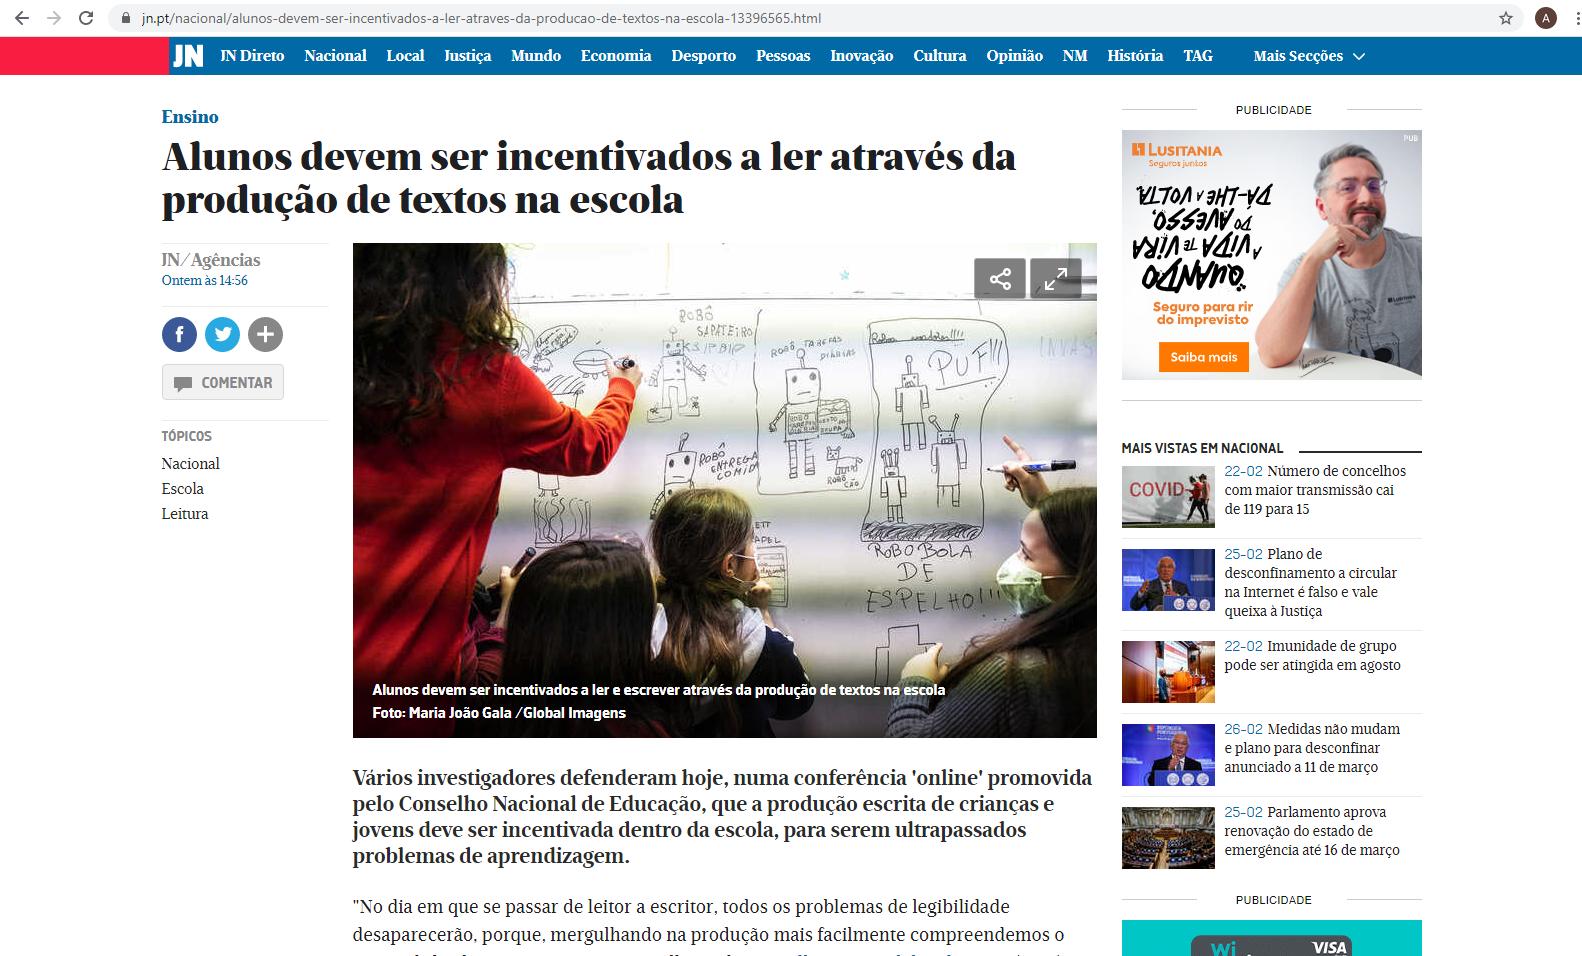 noticia1